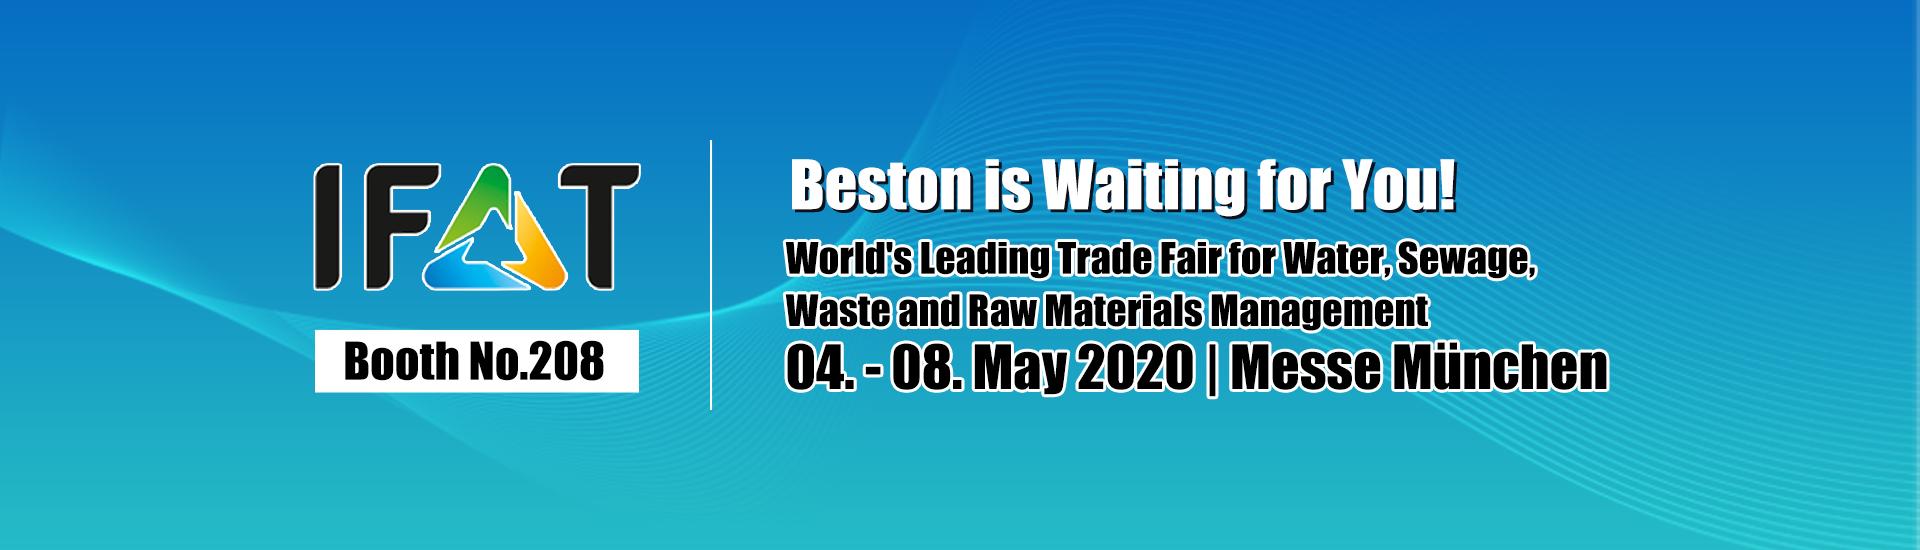 Meet Beston on IFAT 2020 Munich